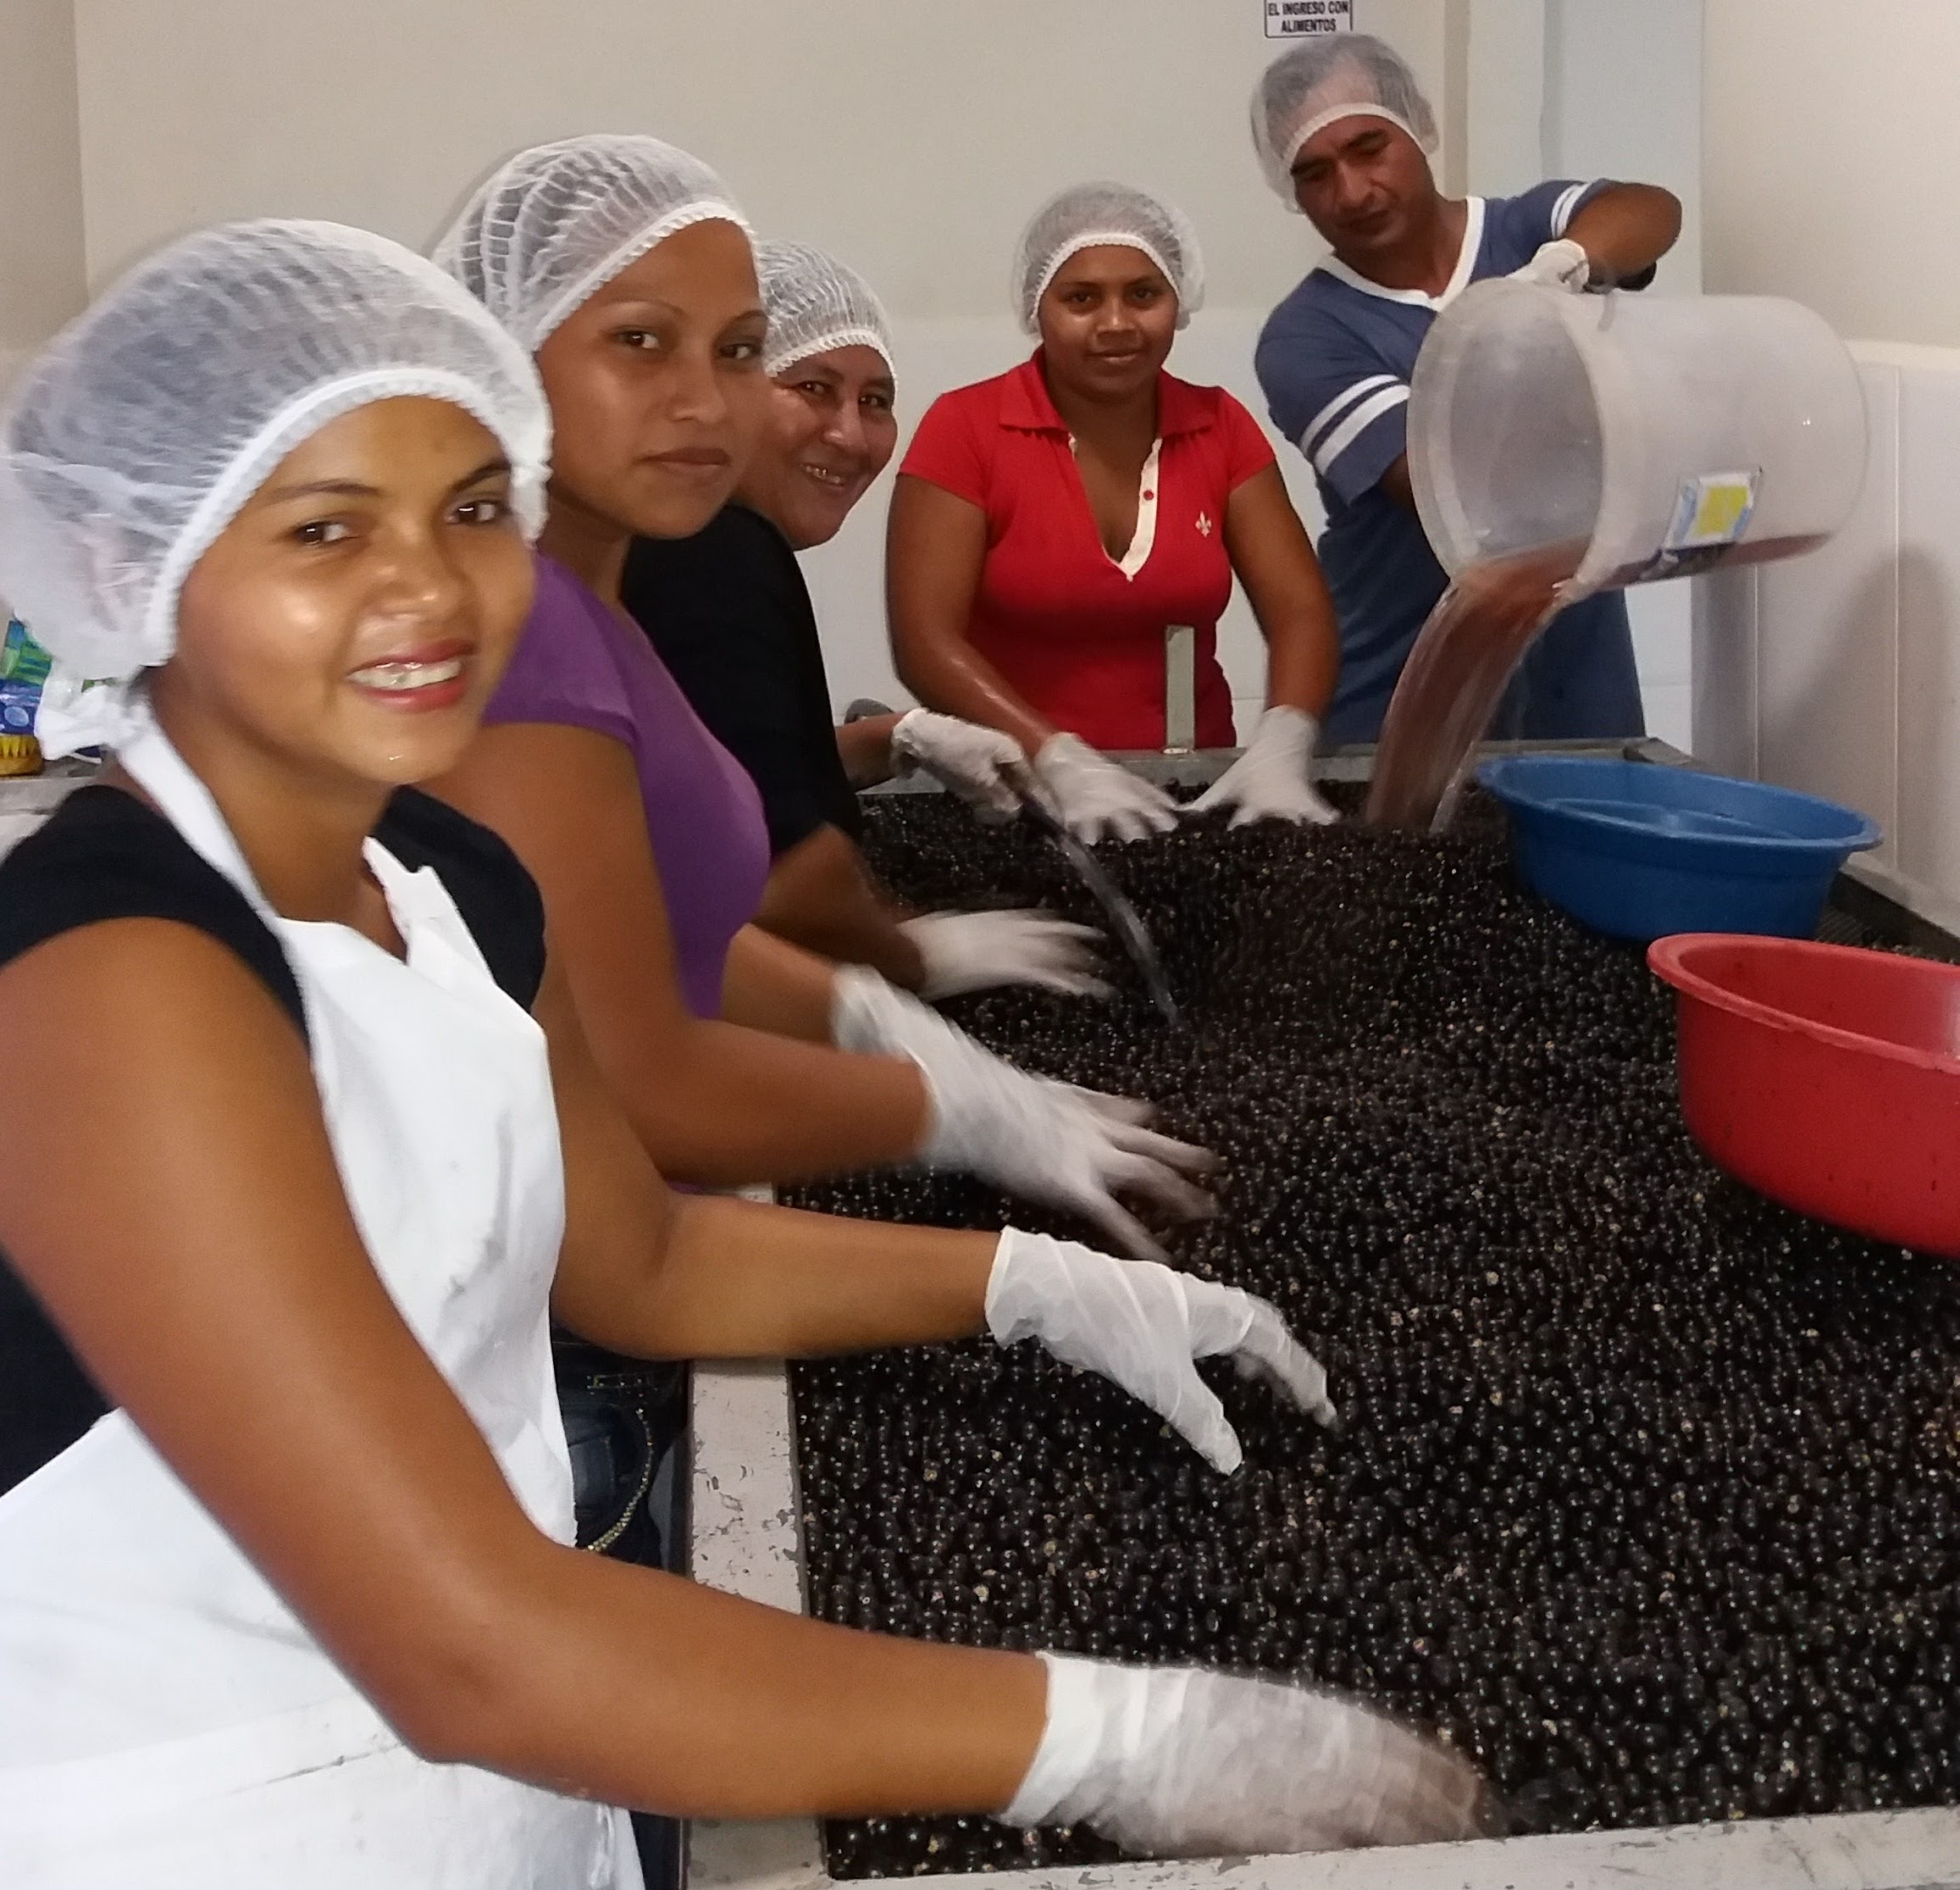 En Bolivia se ha desarrollado un mercado nacional para la pulpa de asaí y sus productos derivados. Foto: FAN.